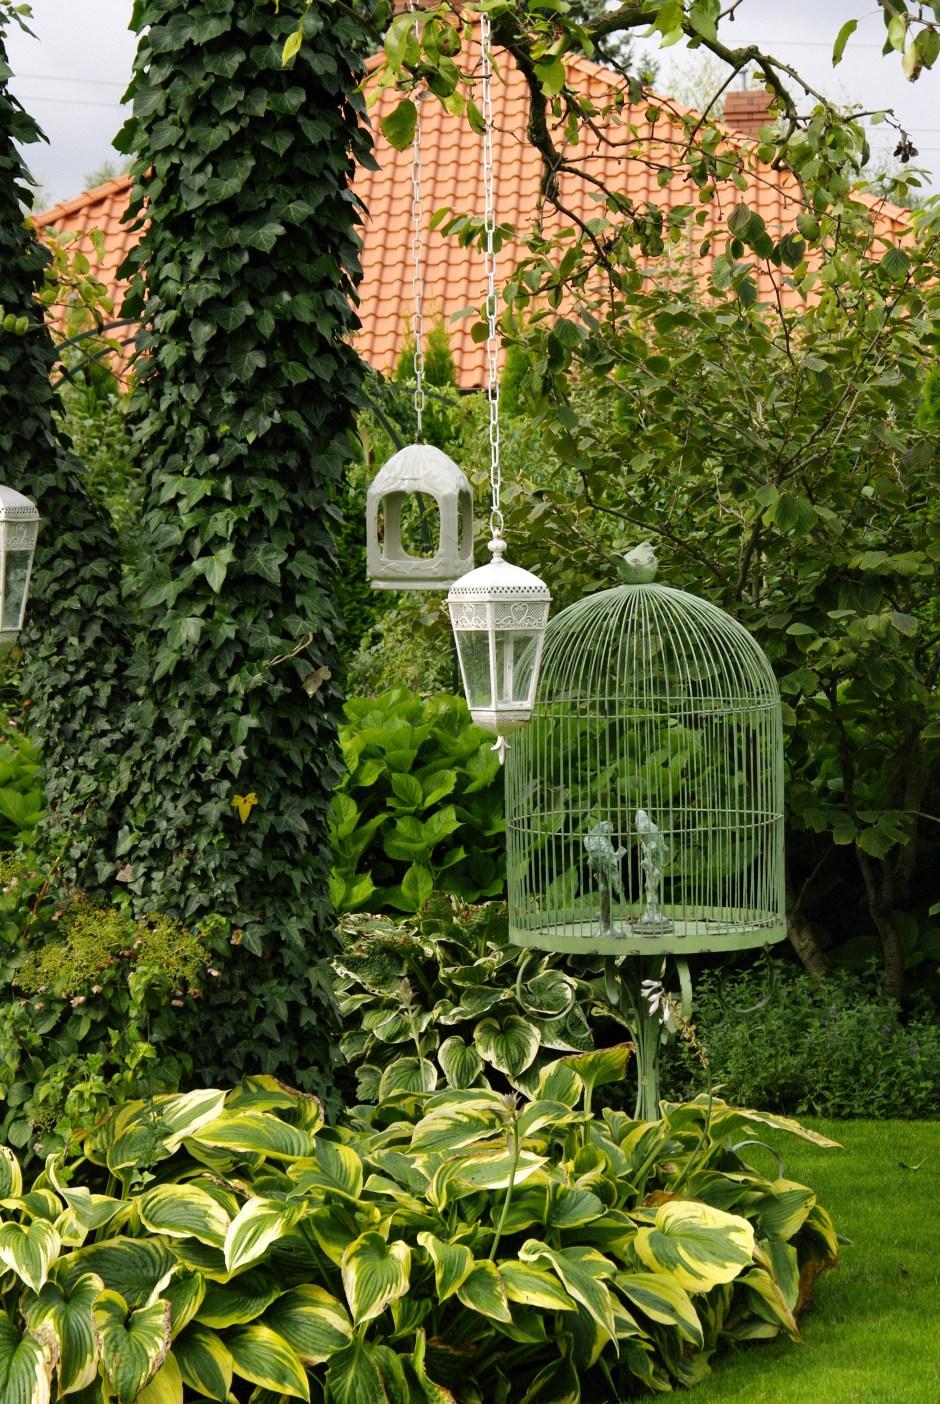 dekoracje w ogrodzie pracowni sztuki ogrodowej, która zaprojektuje nasz ogród społeczny w Trójmieście